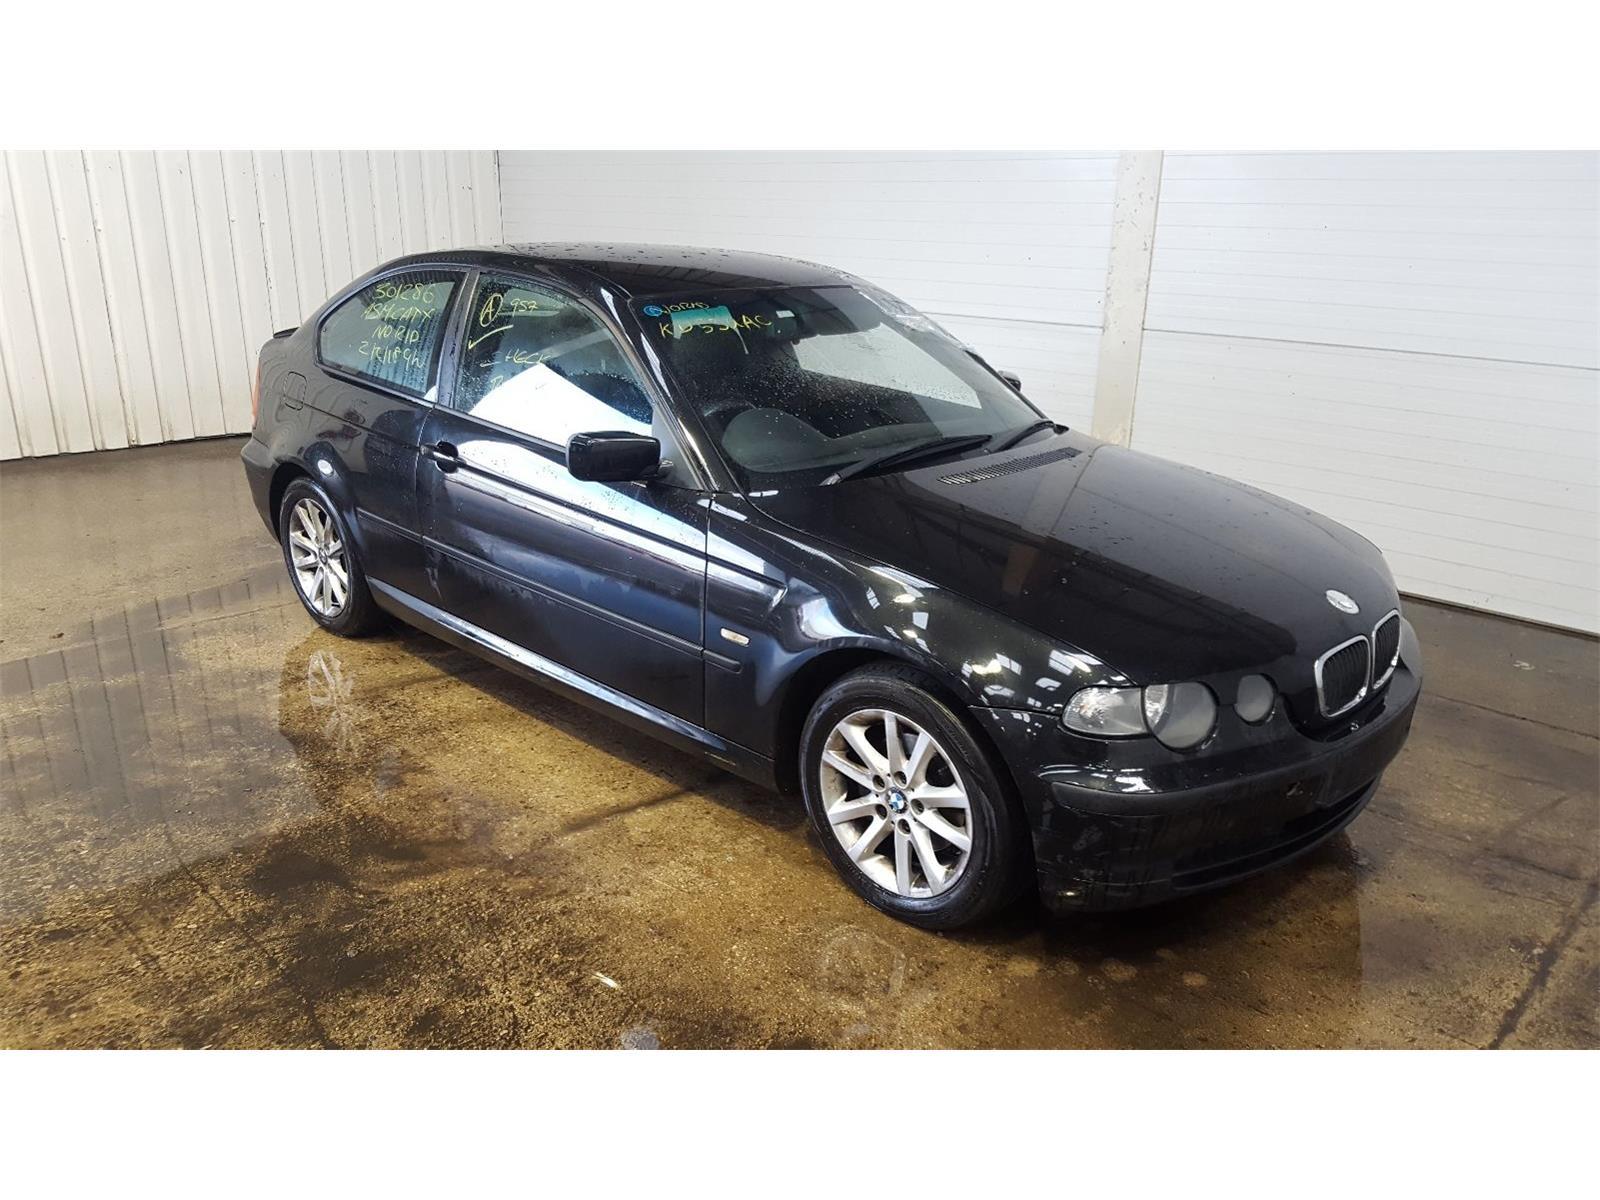 2003 BMW 3 Series Compact 2001 To 2004 316 ti ES 3 Door Hatchback ...